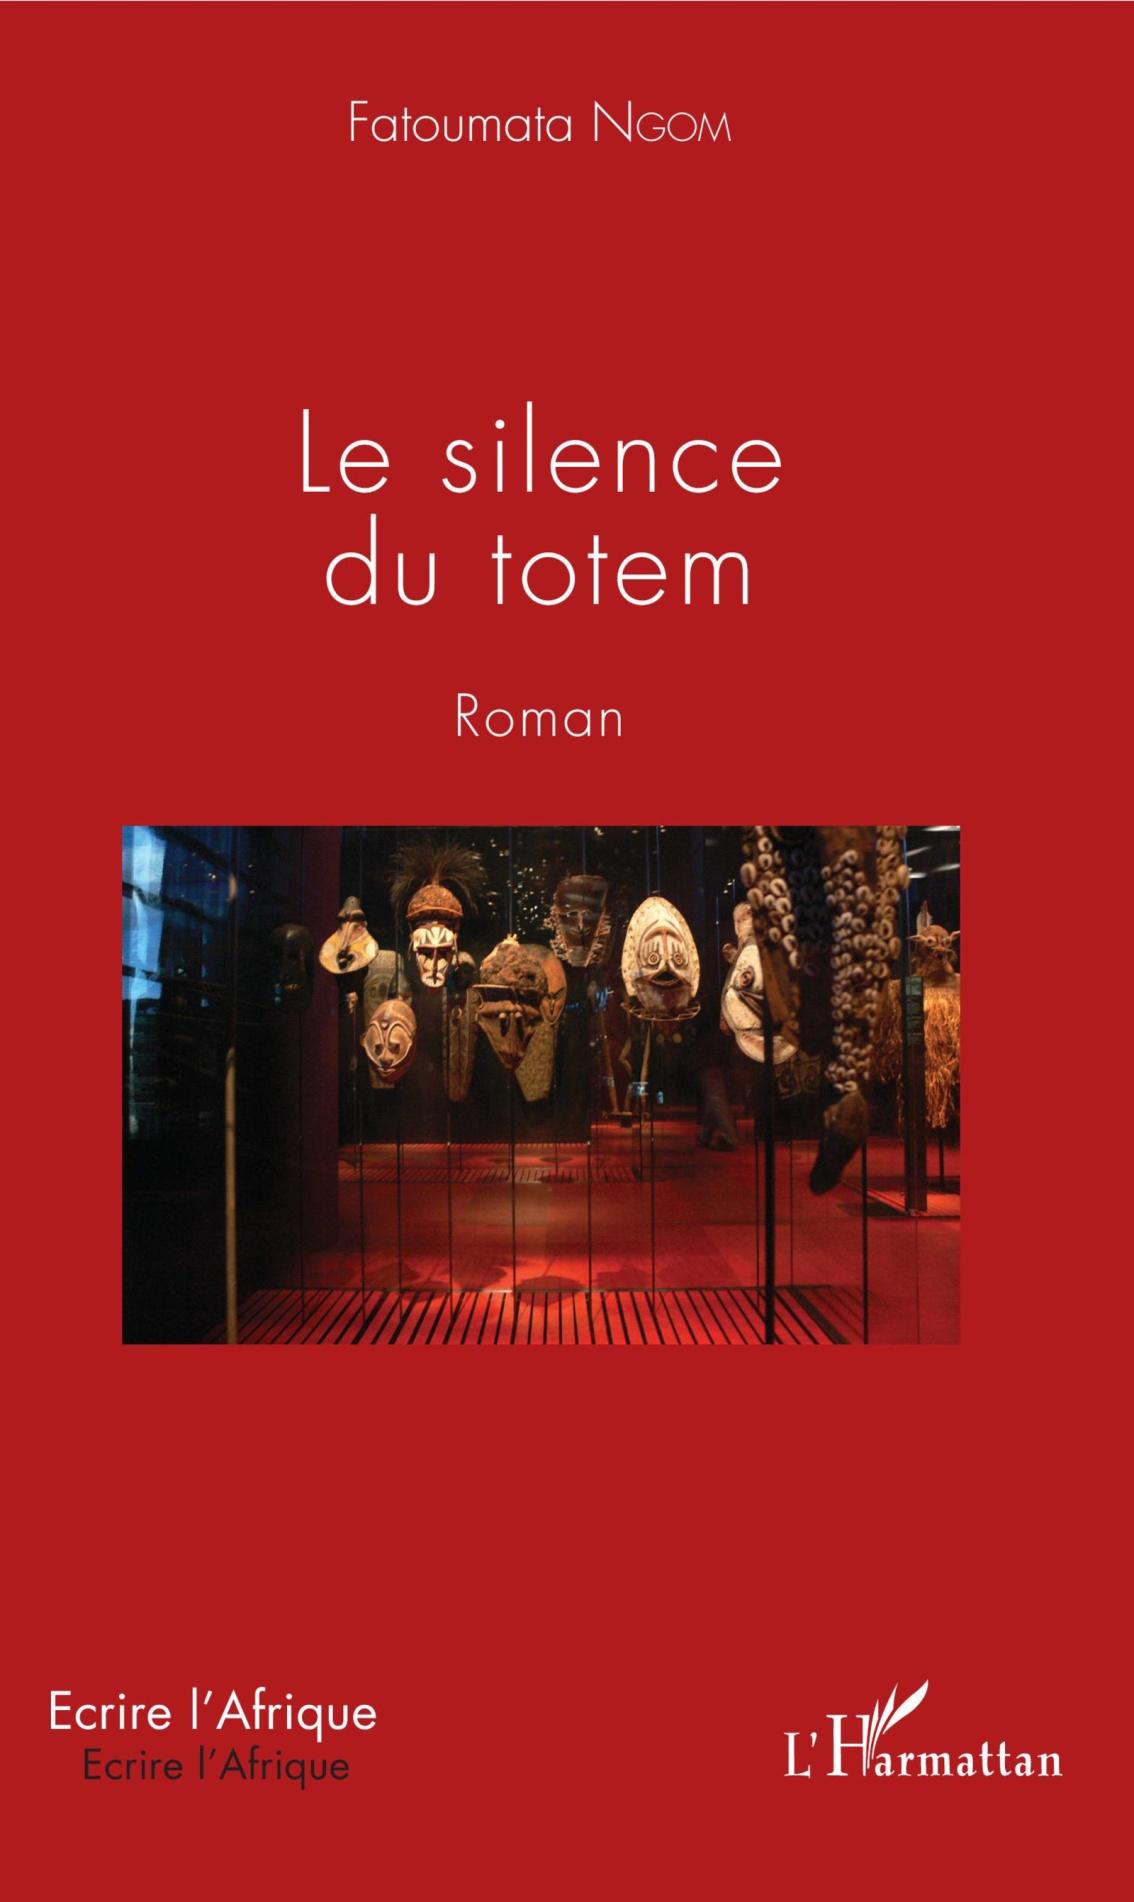 Le silence du totem – Fatoumata Ngom –2018